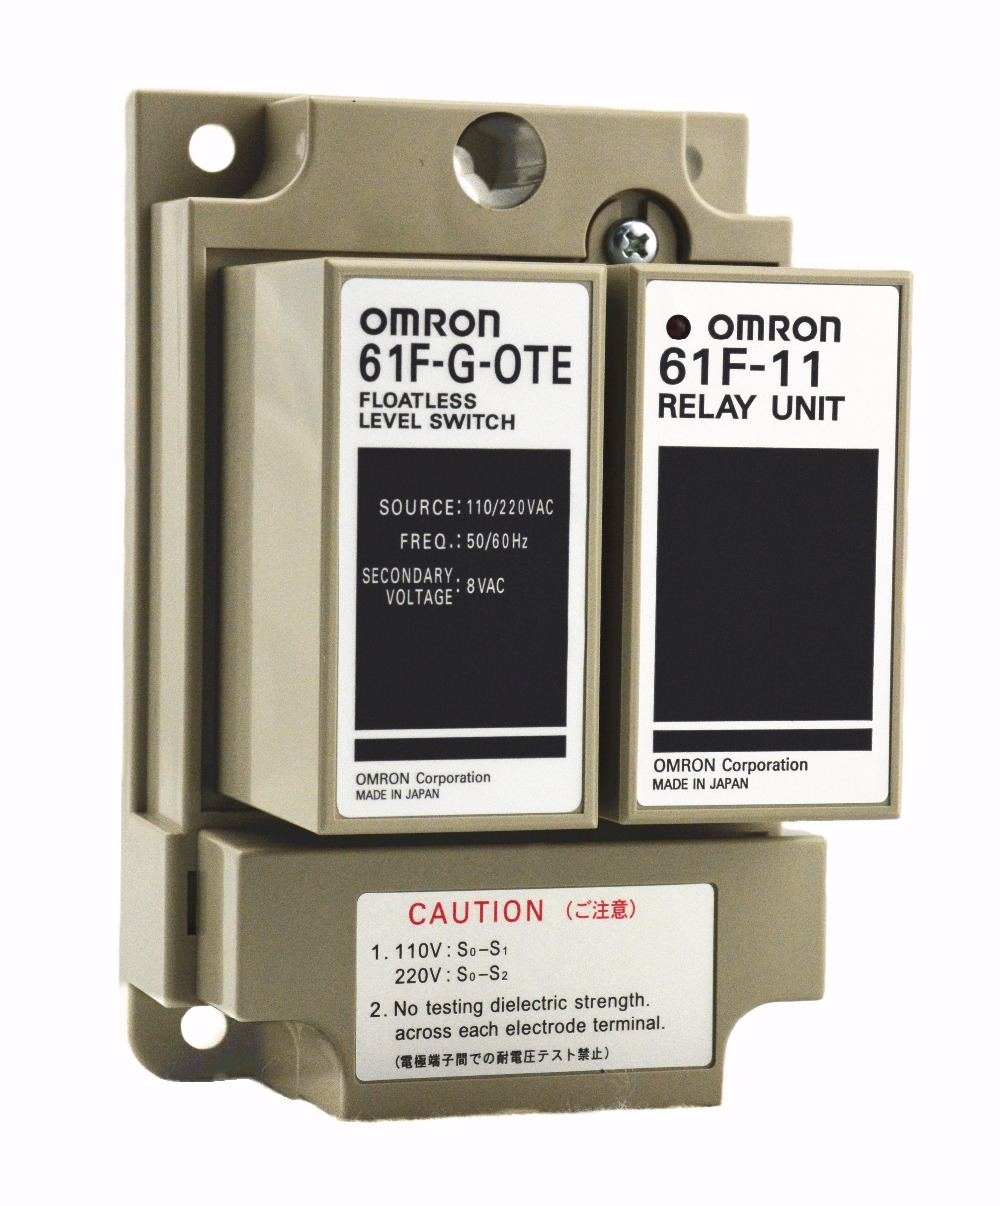 61F-G-OTE 110/220 V 50/60Hz OMRON relais composant électronique relais à semi-conducteurs contrôleur de niveau d'eau pour interrupteur de niveau de liquide